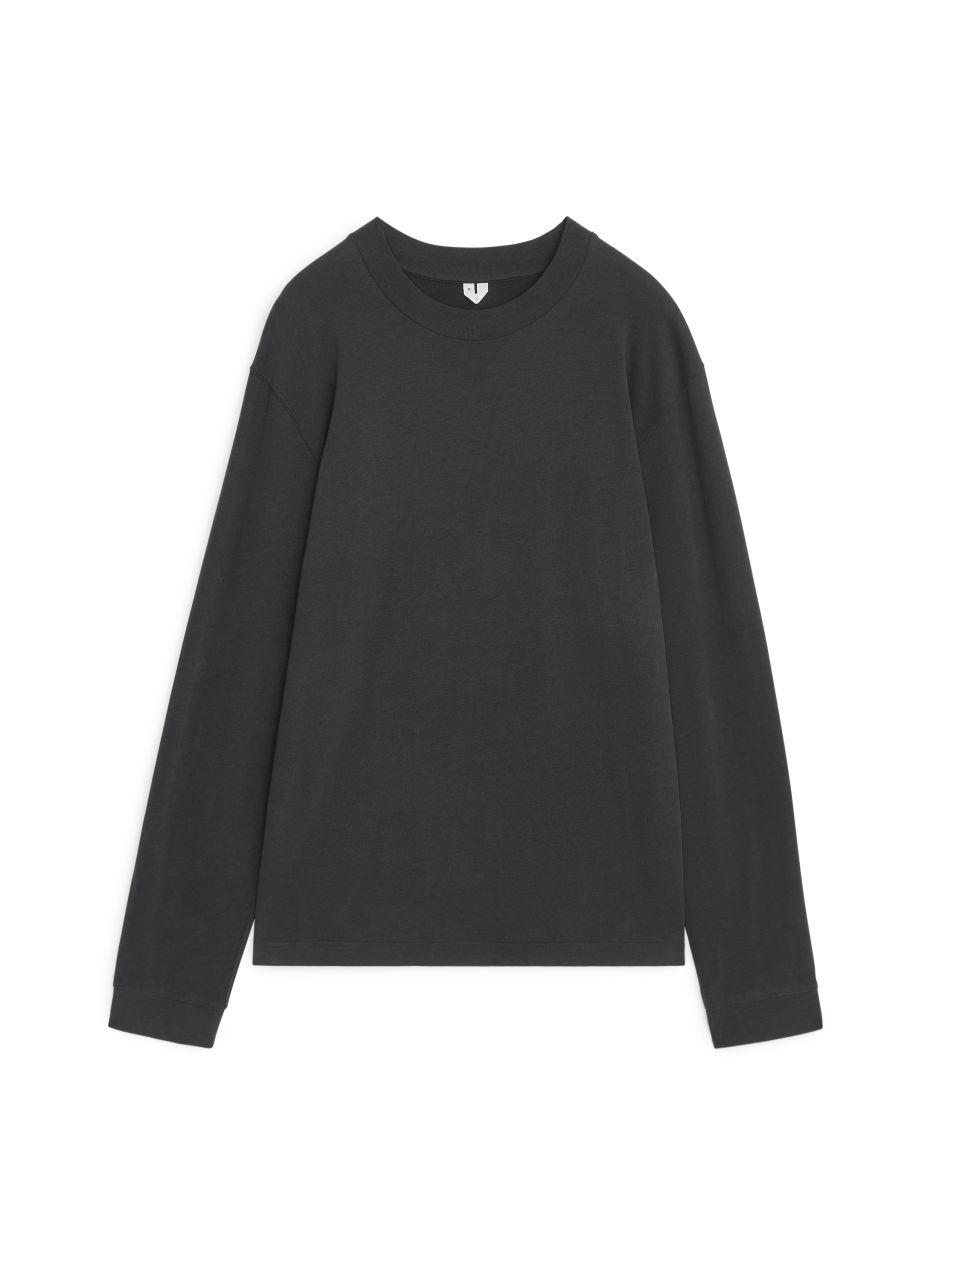 Long-Sleeved Organic Cotton T-Shirt - Black